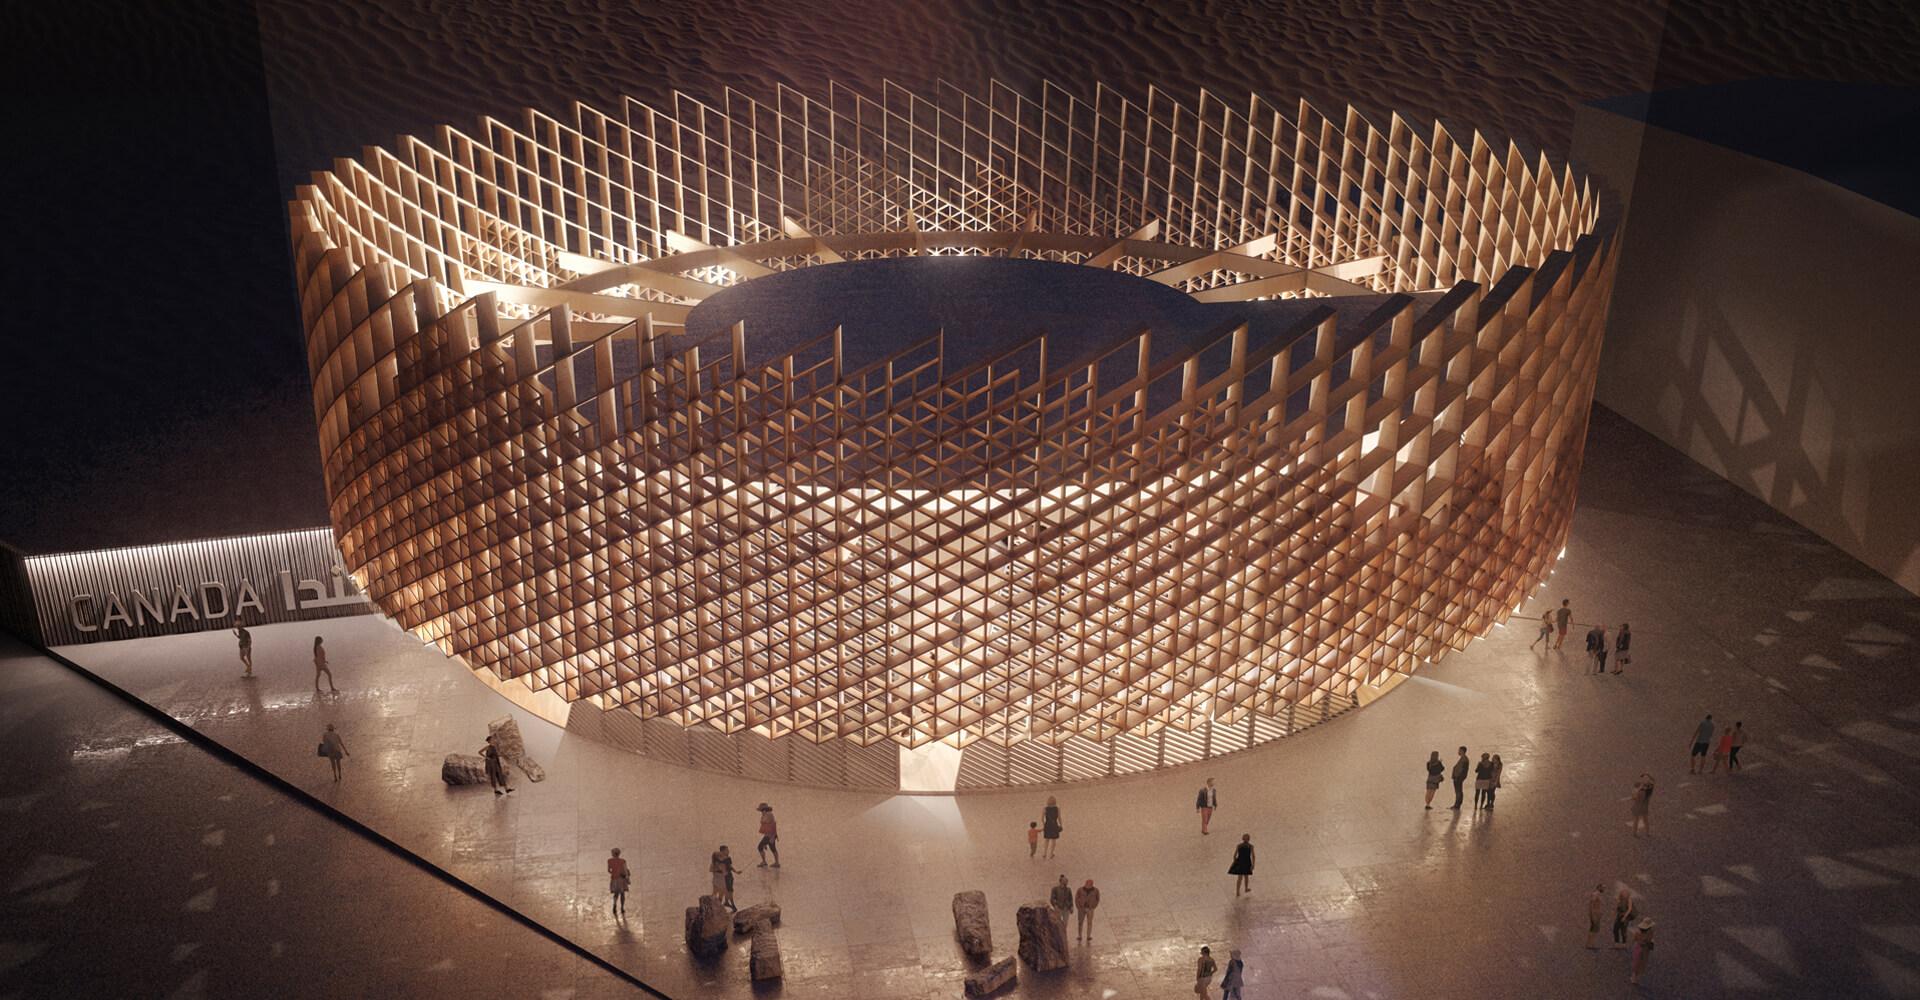 The Canada Pavilion (night) | Le Pavillon du Canada (nuit)